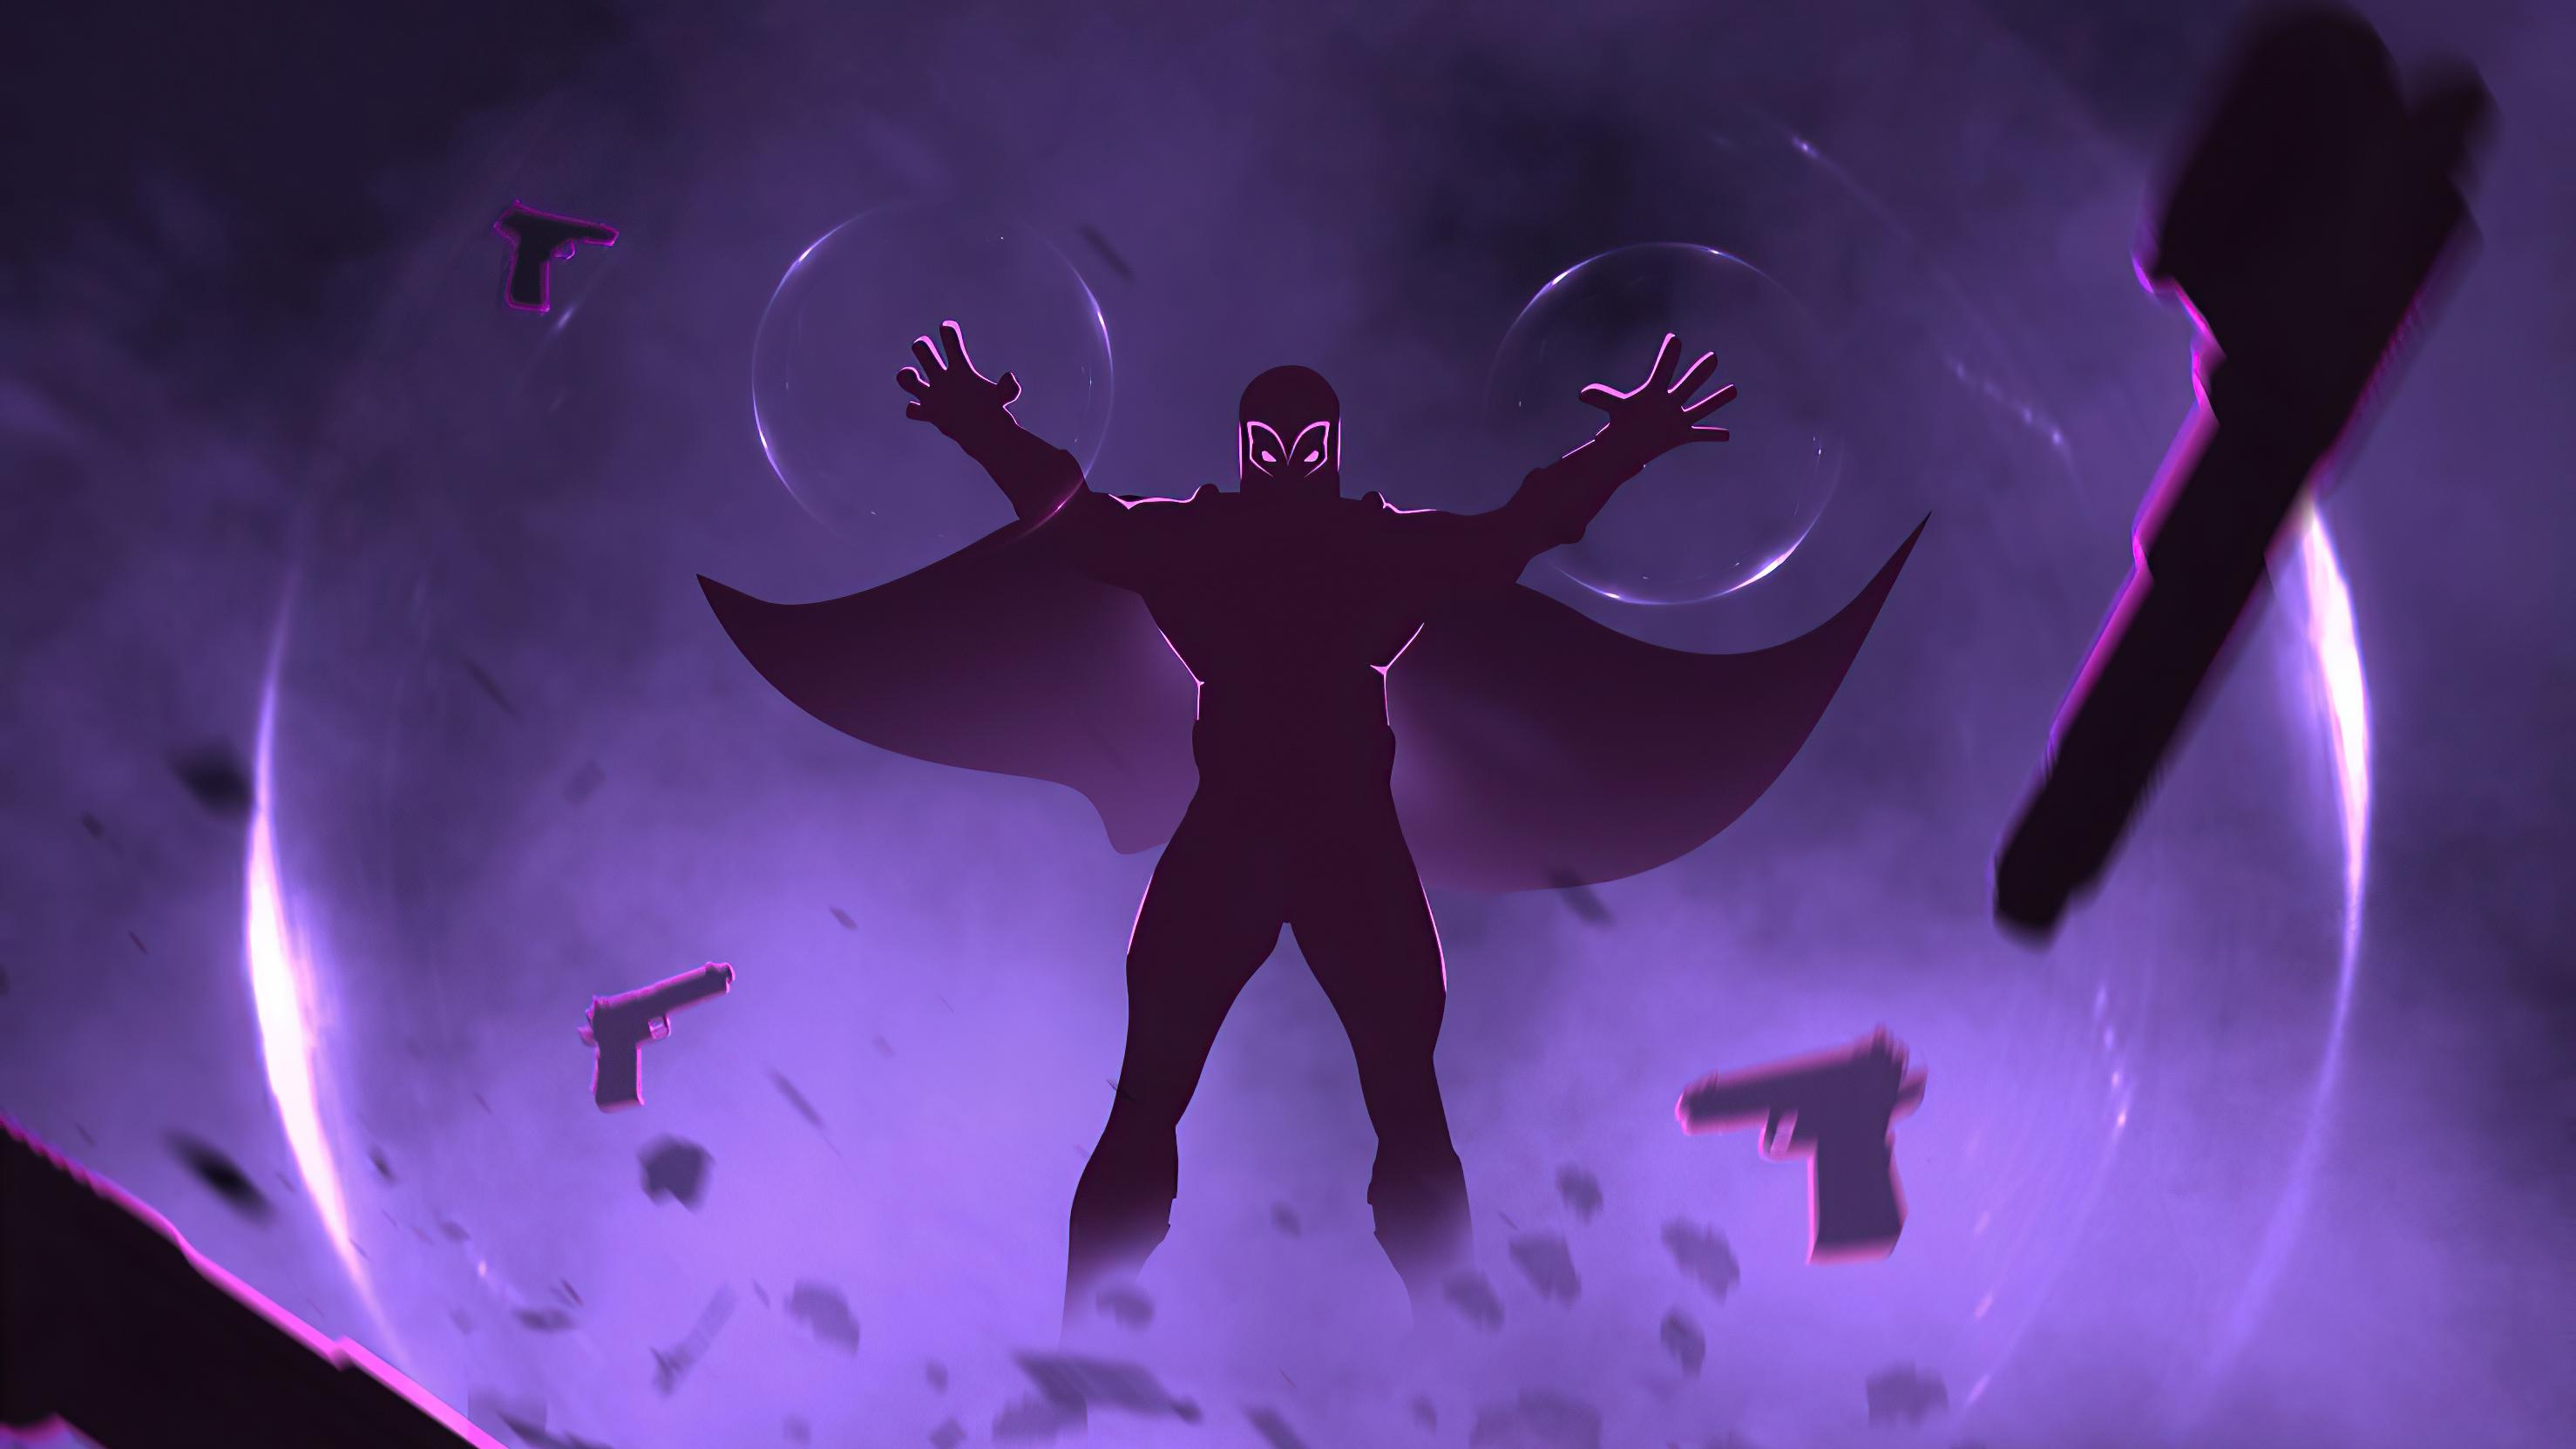 Fondos de pantalla Magneto 2020